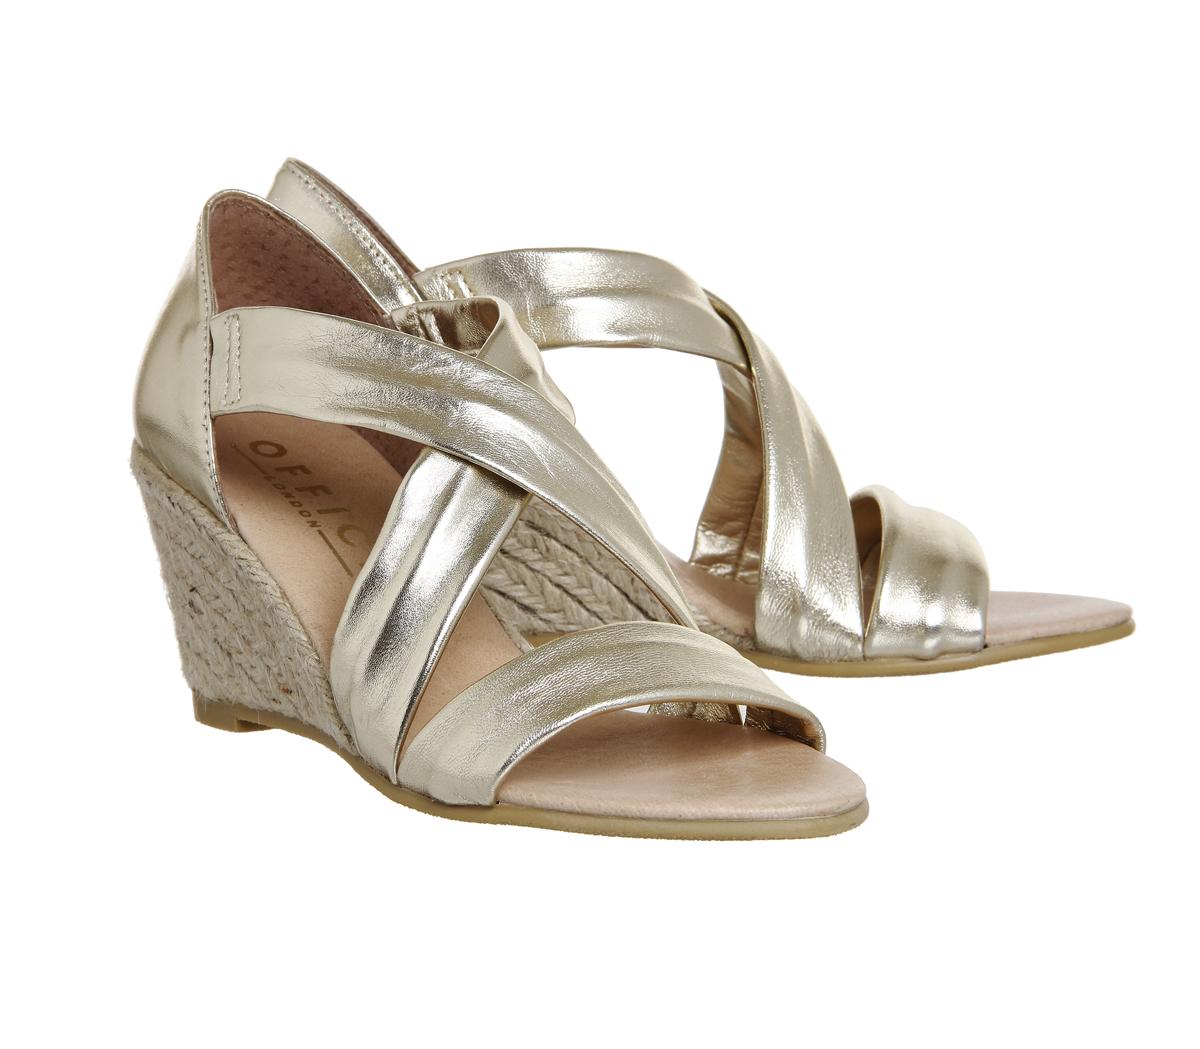 damen Office Maiden Cross Strap Wedges Gold Metallic Leather Heels Heels Heels  | Exquisite Verarbeitung  203769